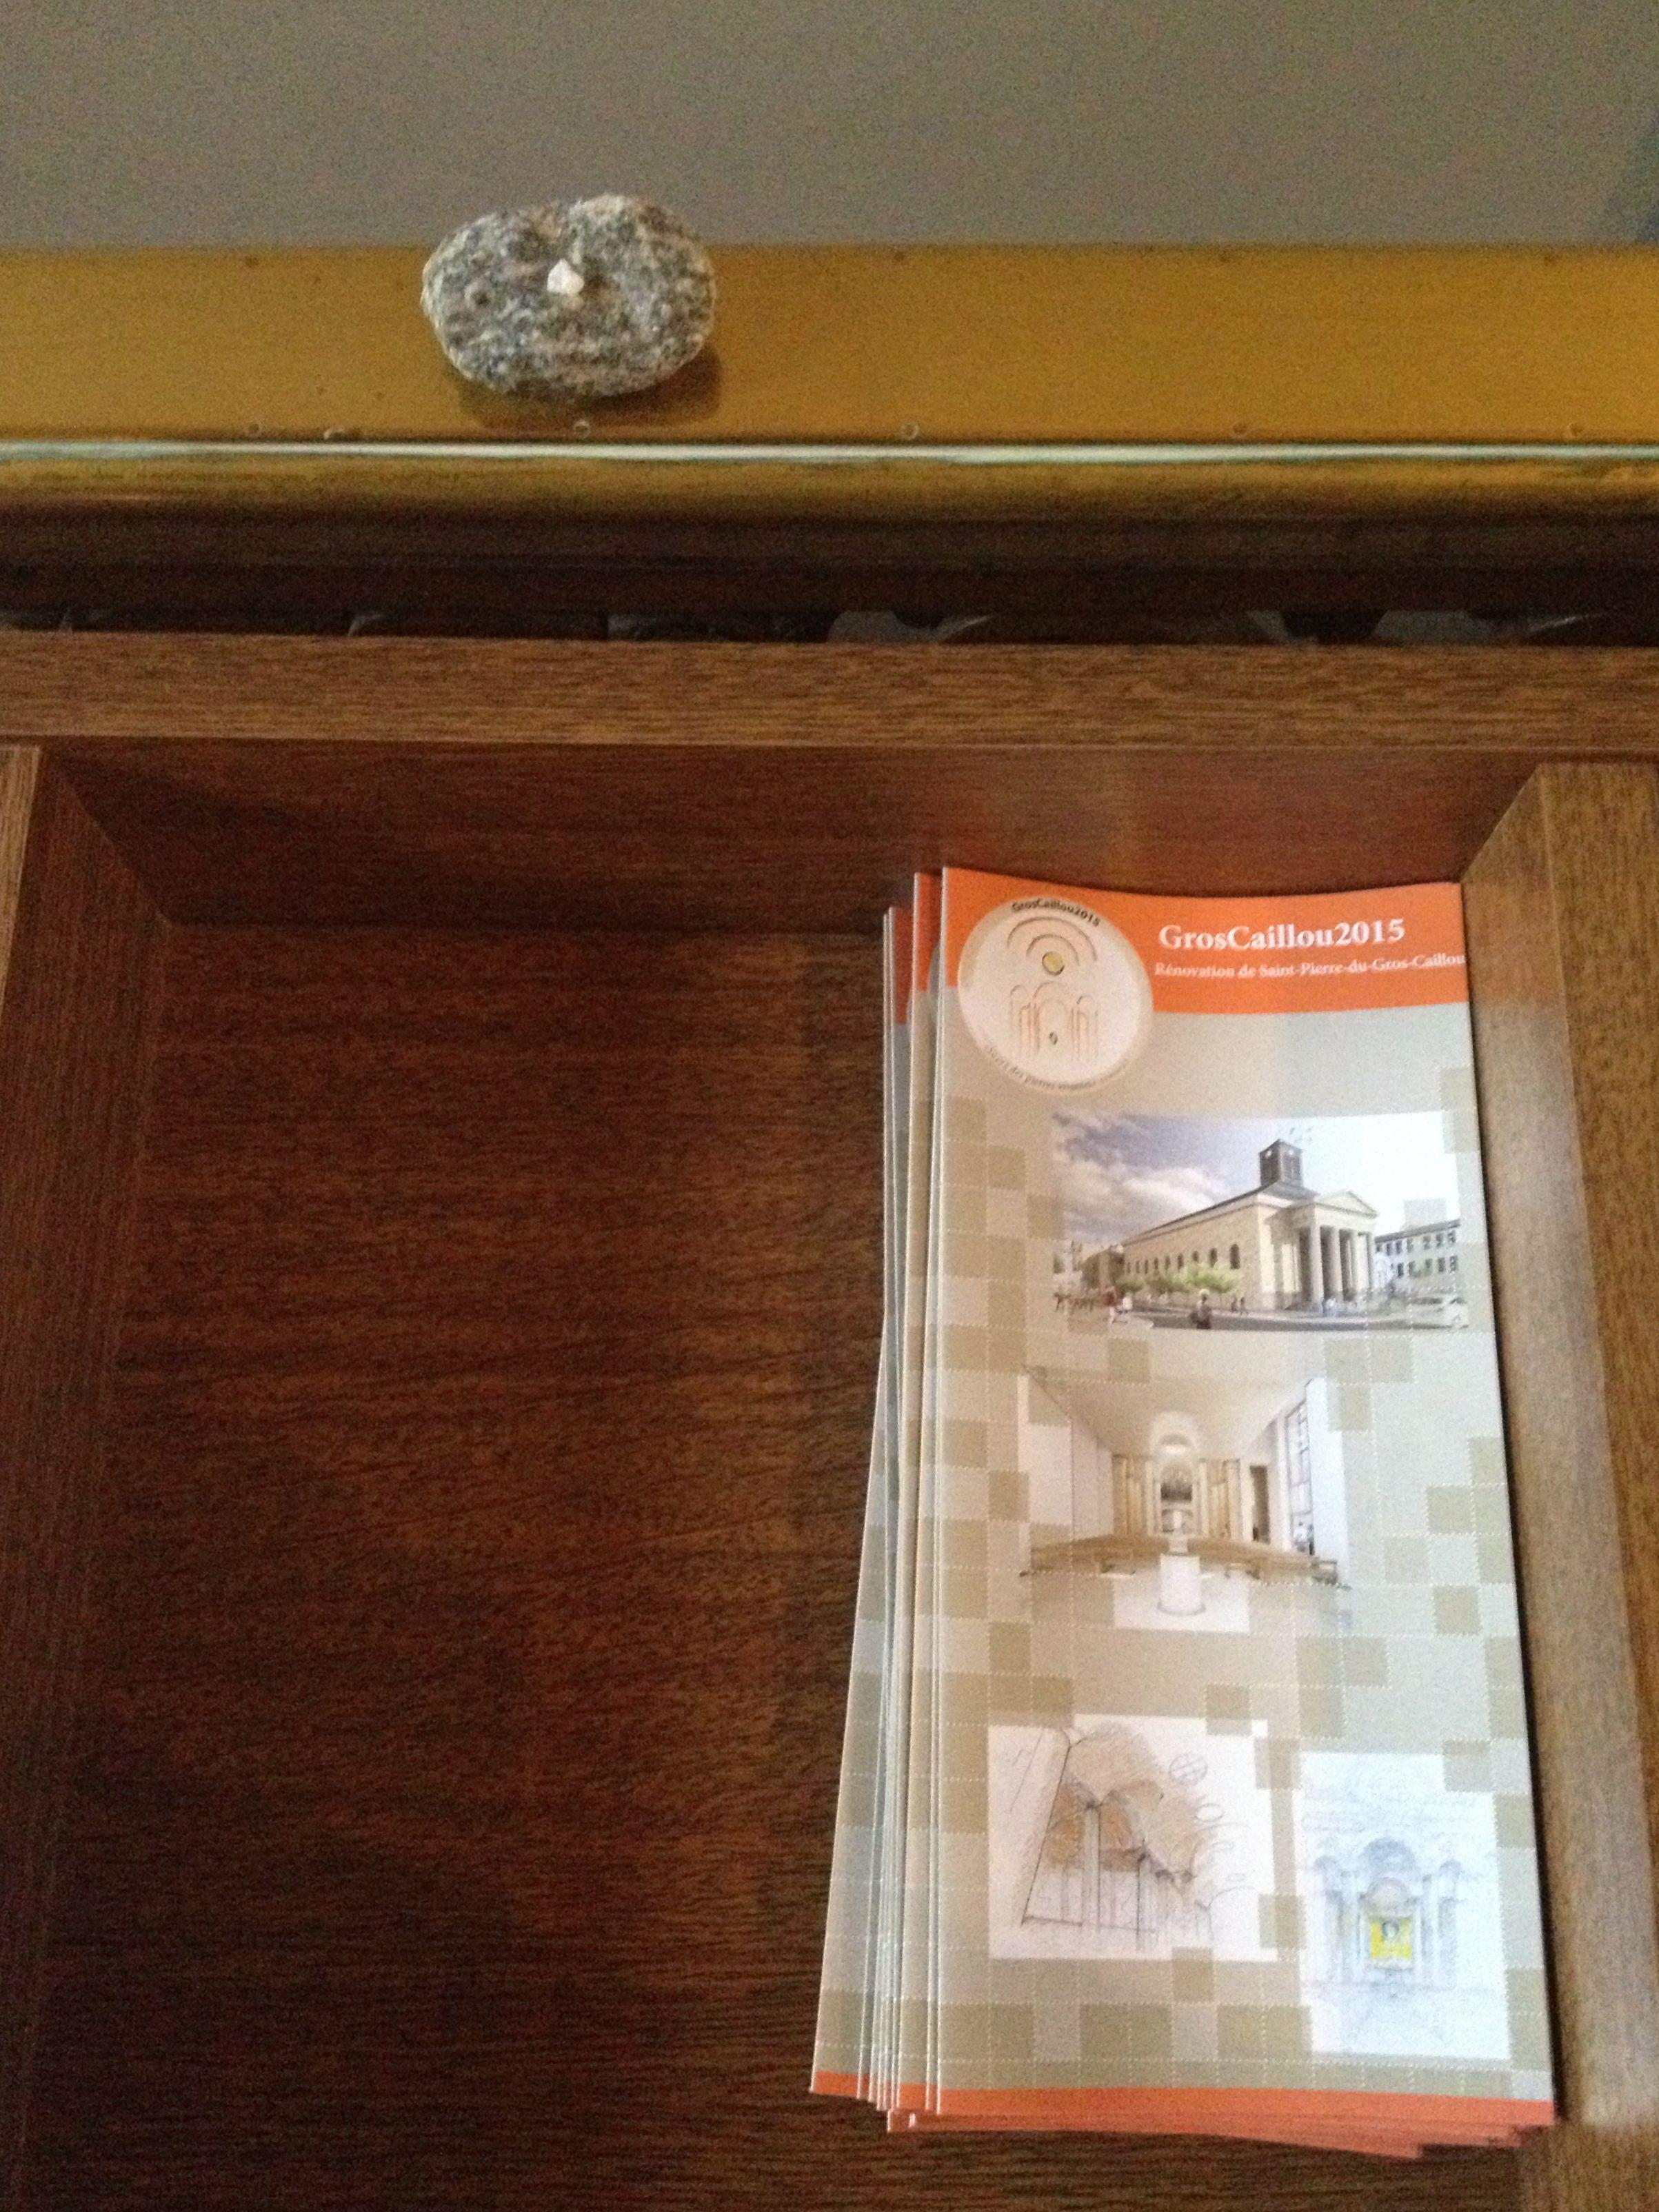 Roche nomade déposée à l'église Saint-Pierre-du-Gros-Caillou à Paris (France). Photo : Lise Létourneau. Pour plus de détails sur le projet Roches nomades : www.museelaurentides.ca/roches-nomades.